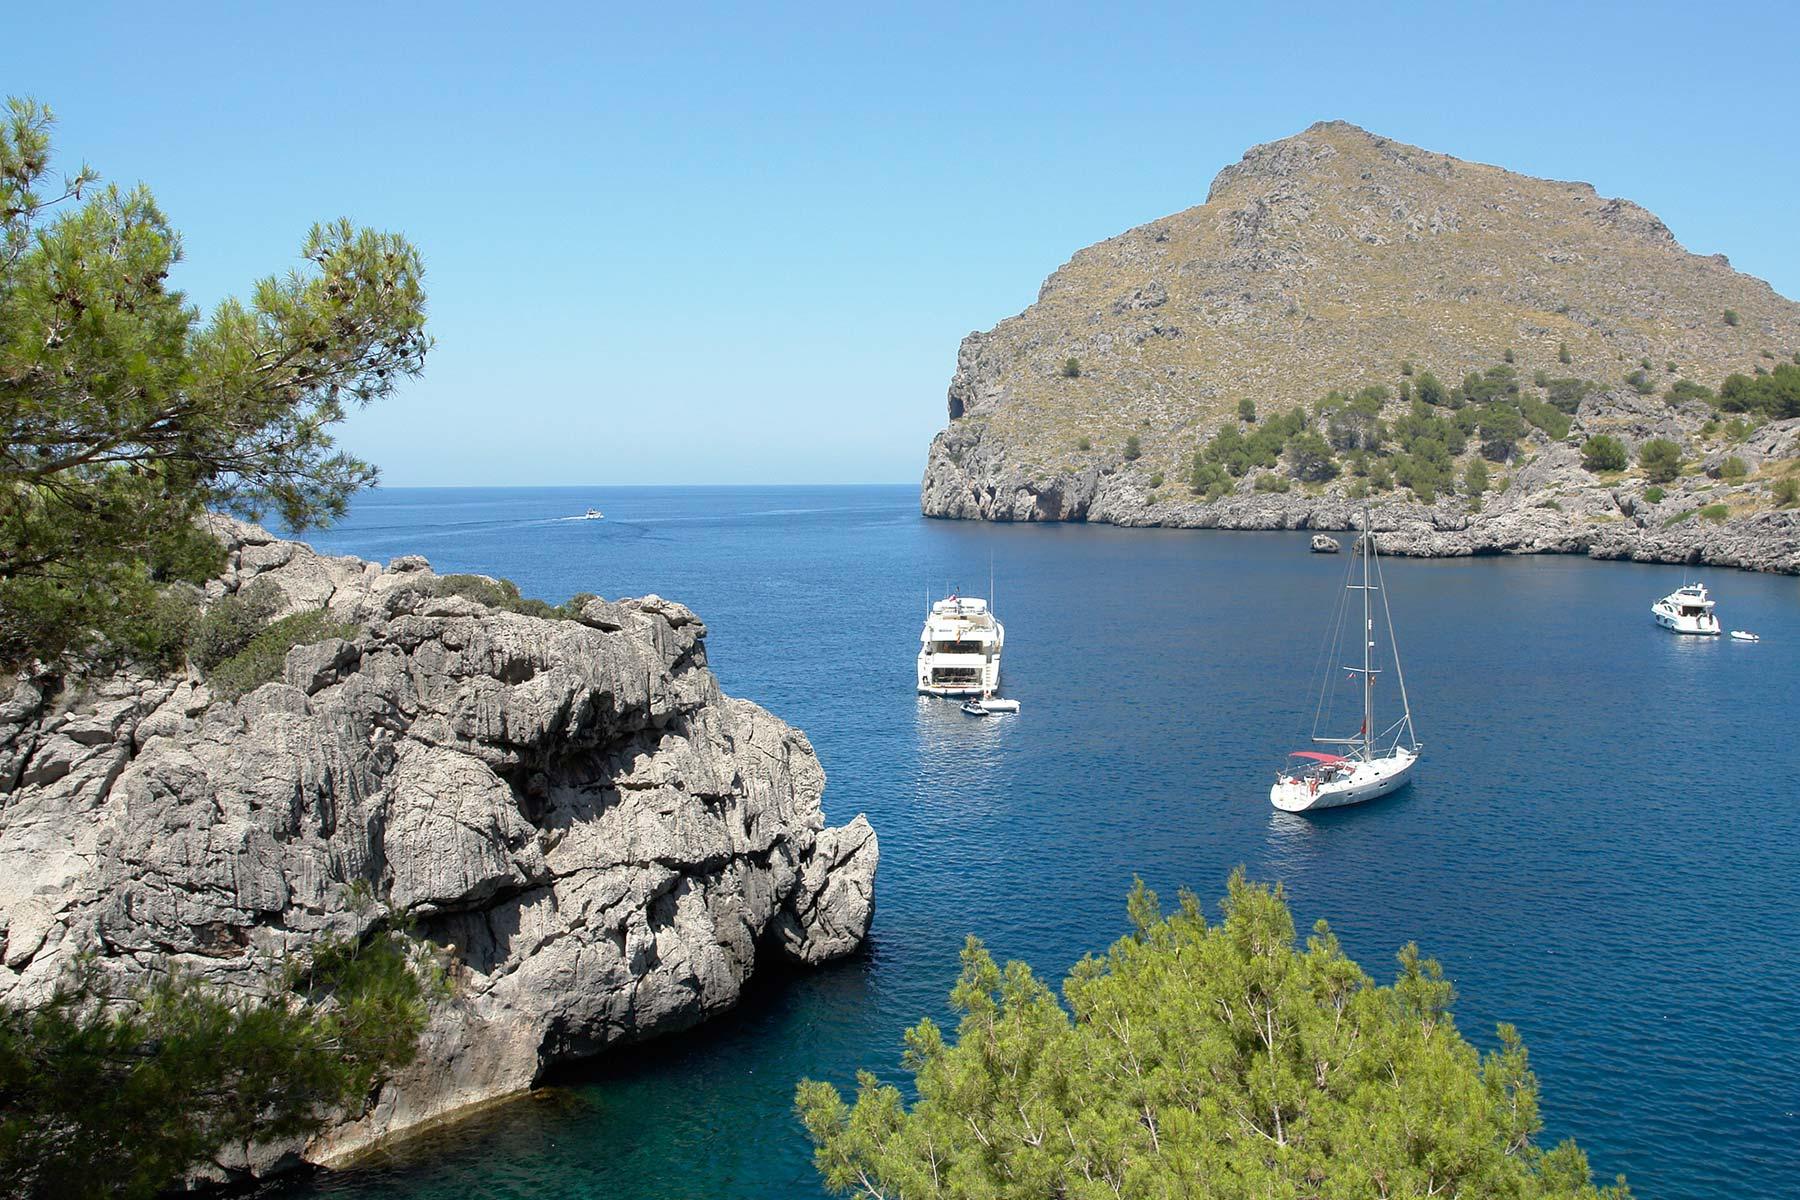 Gebiete zum Ankern auf Mallorca